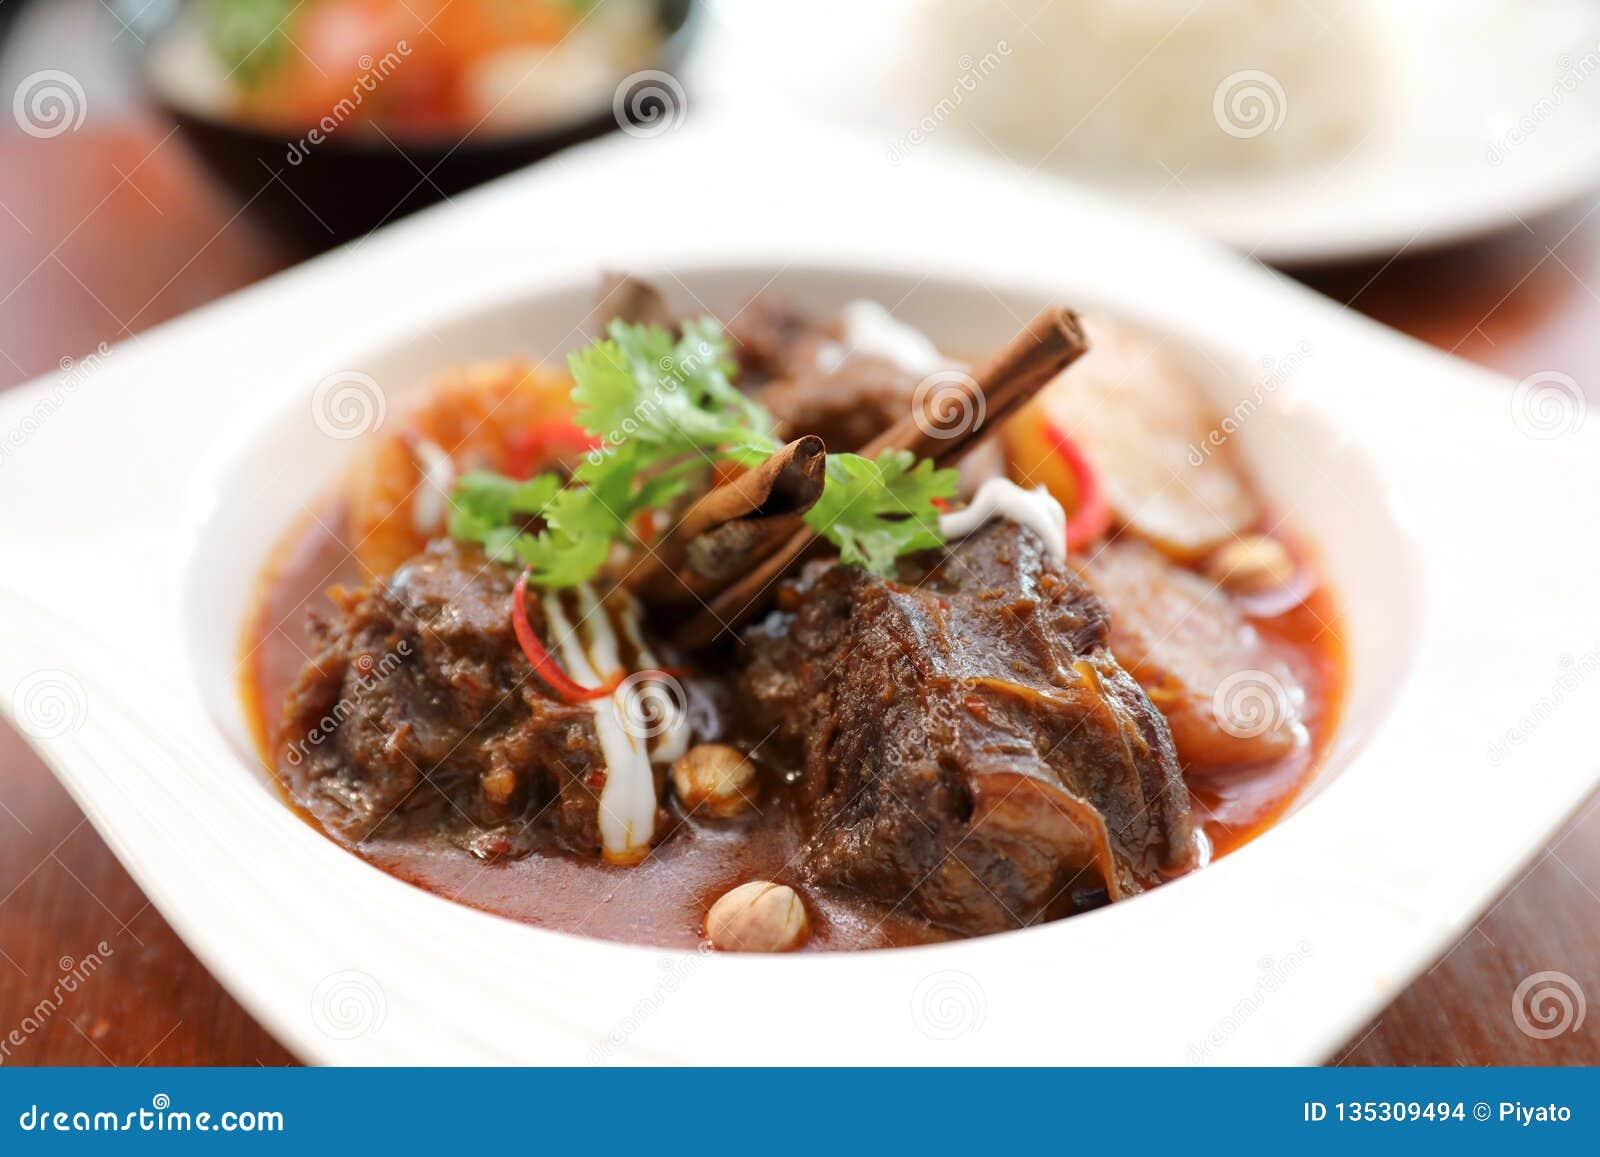 Rundvlees massaman kerrie met rijst en salade op houten lijst, Thais voedsel